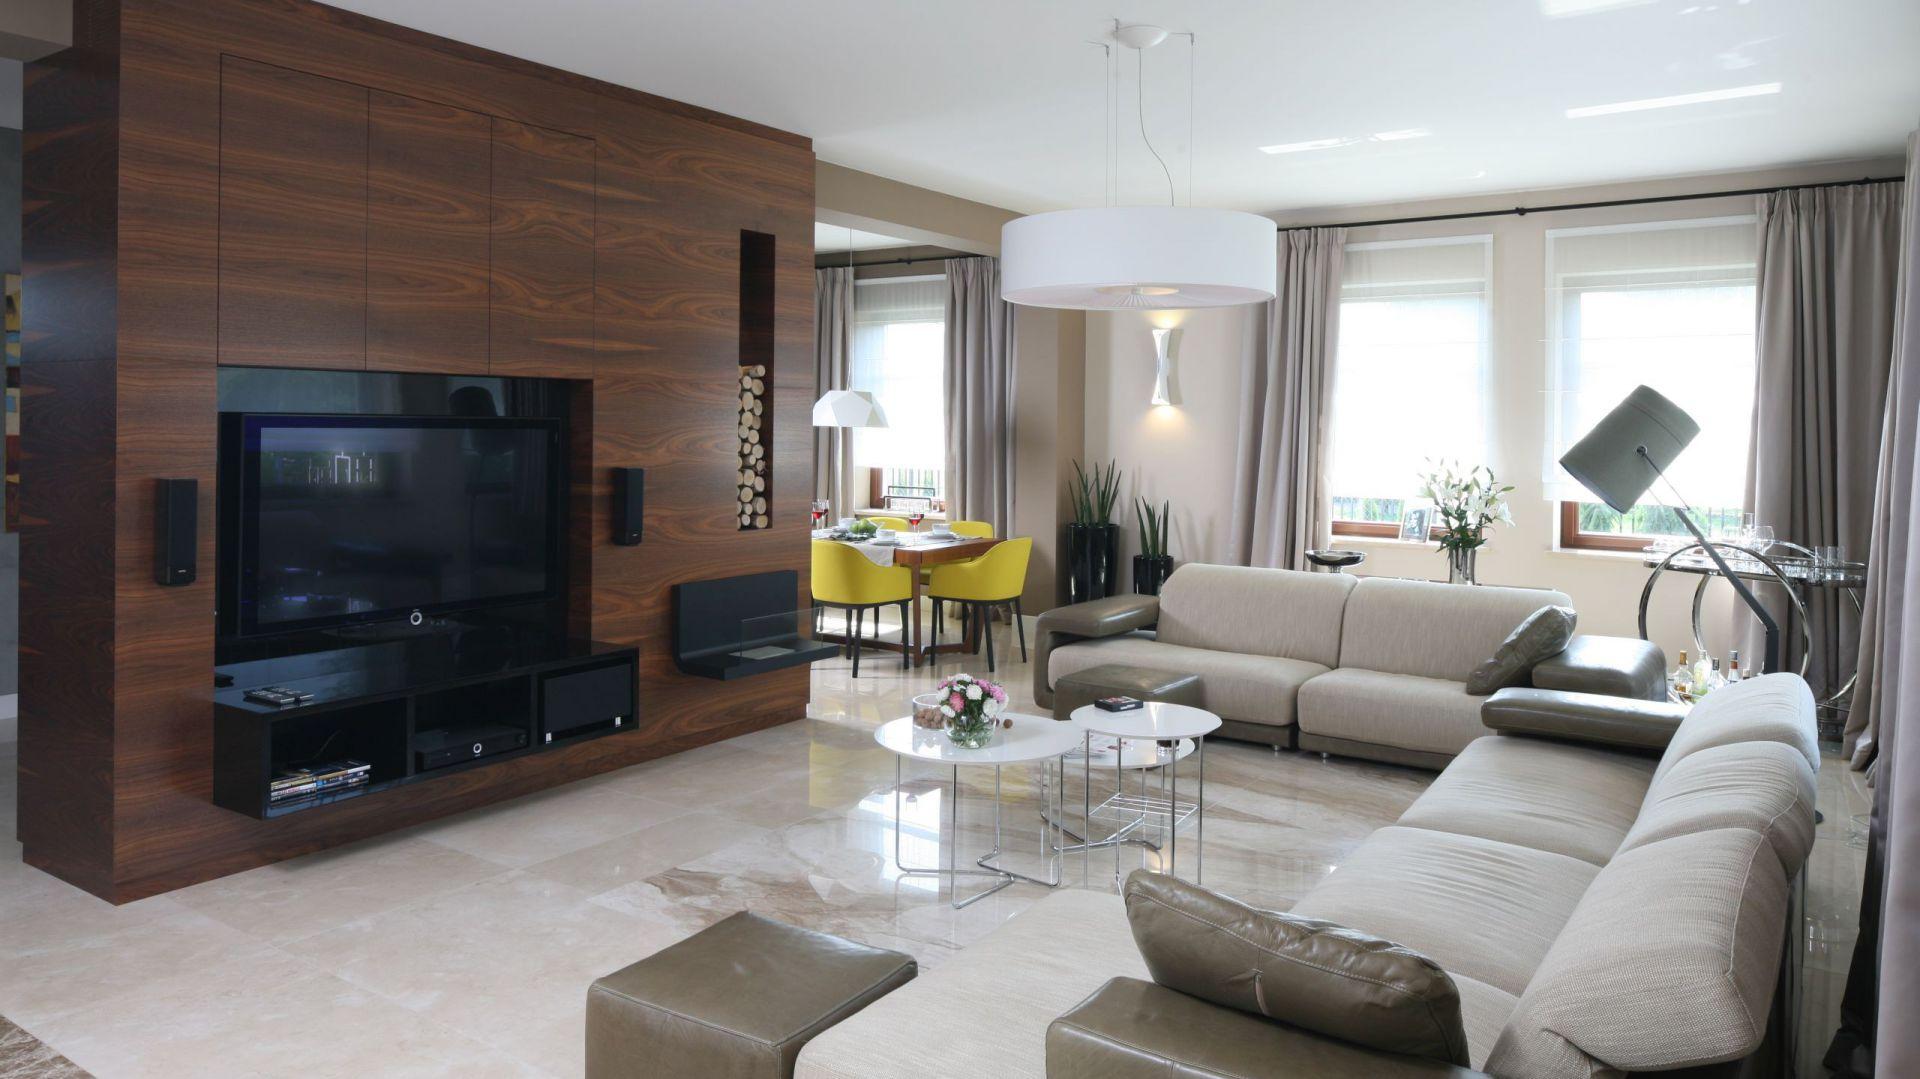 Kanapy i stoliki to marka Natuzzi, skórzana lampa jest z firmy Axo, a lampa stojąca to kultowy model Diesel by Foscarini. Fot. Bartosz Jarosz.